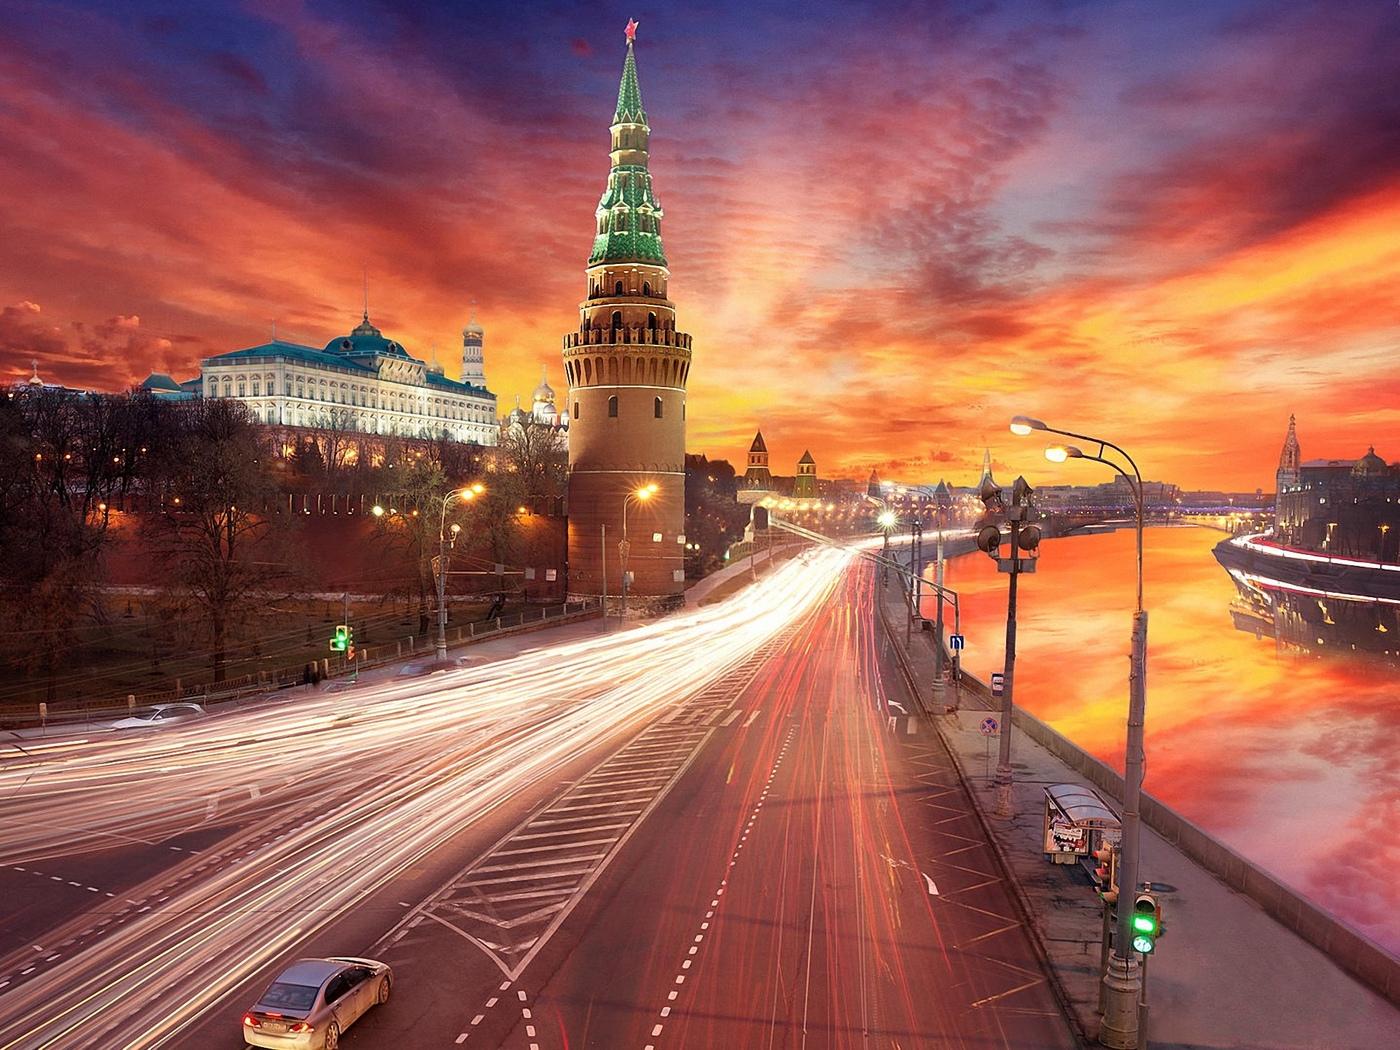 город, москва, вечер, дорога, огни